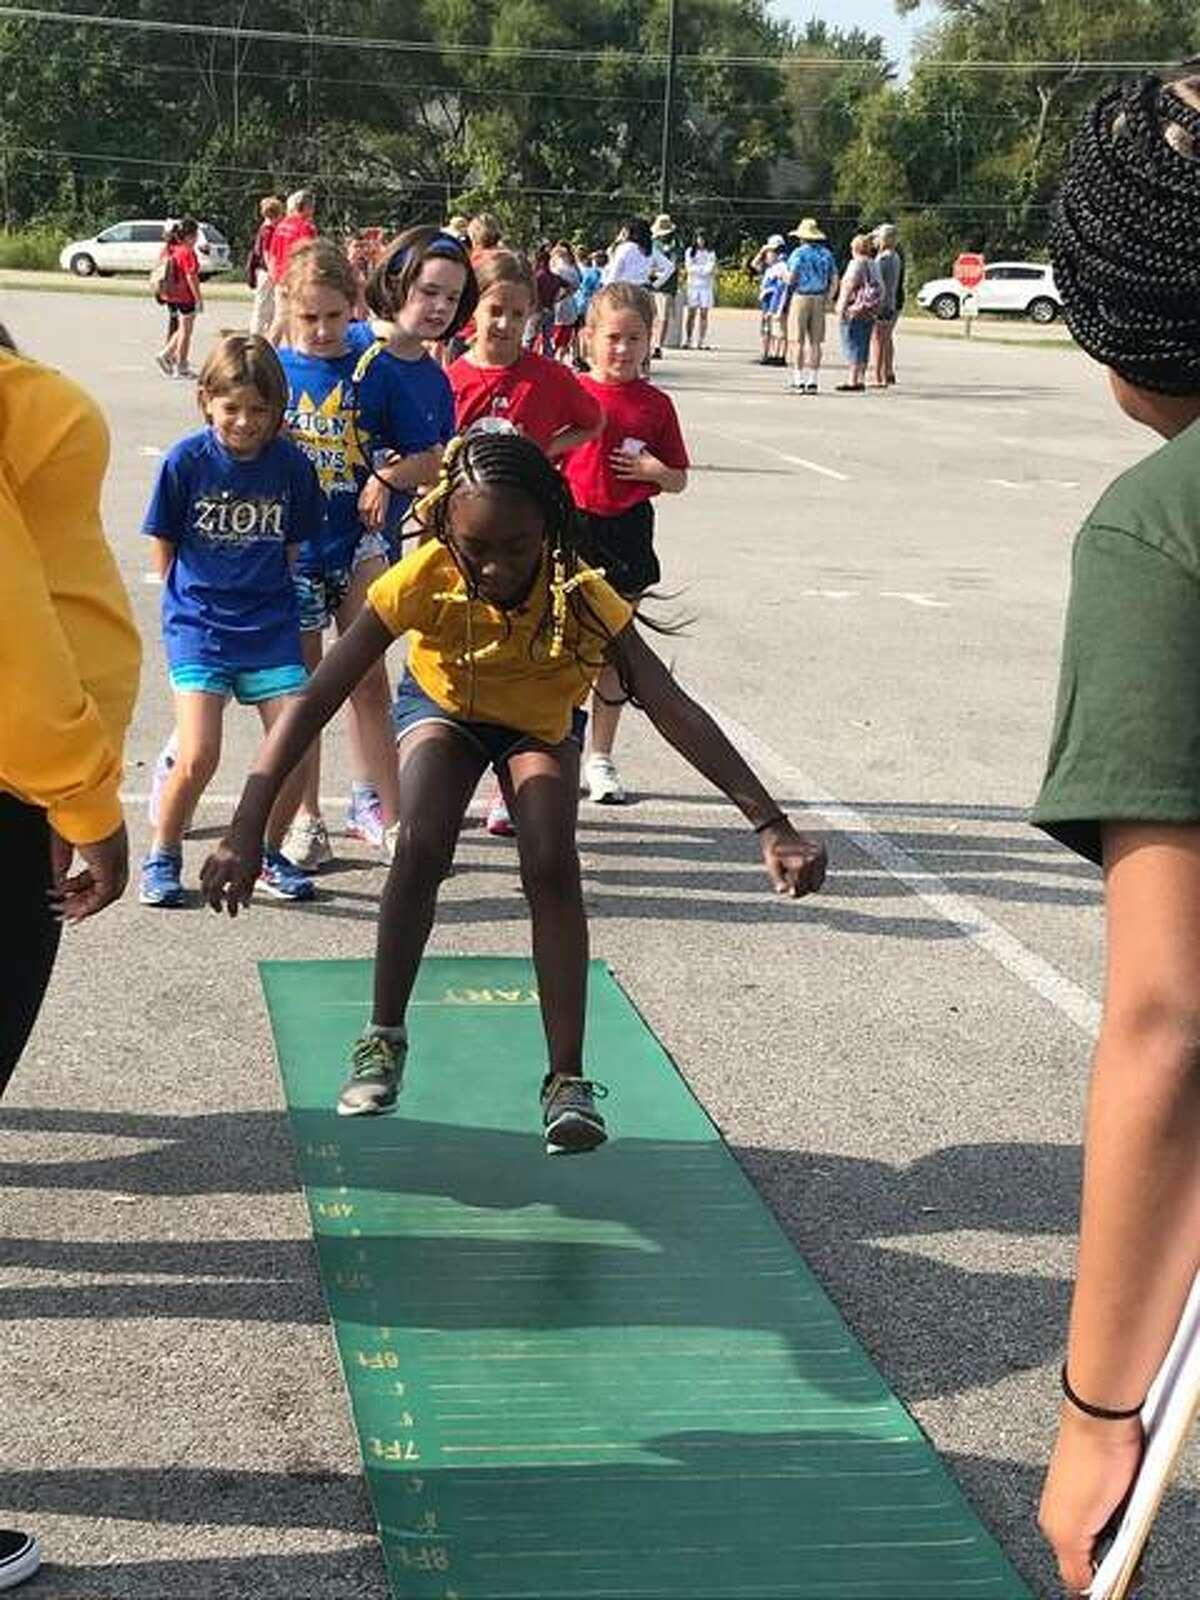 Elementary schools from Edwardsville, Collinsville, Godfrey, Troy, Hamel, Prairietown, Bethalto, Belleville, Litchfield and Staunton all participated in this year's MELHS Field Day.